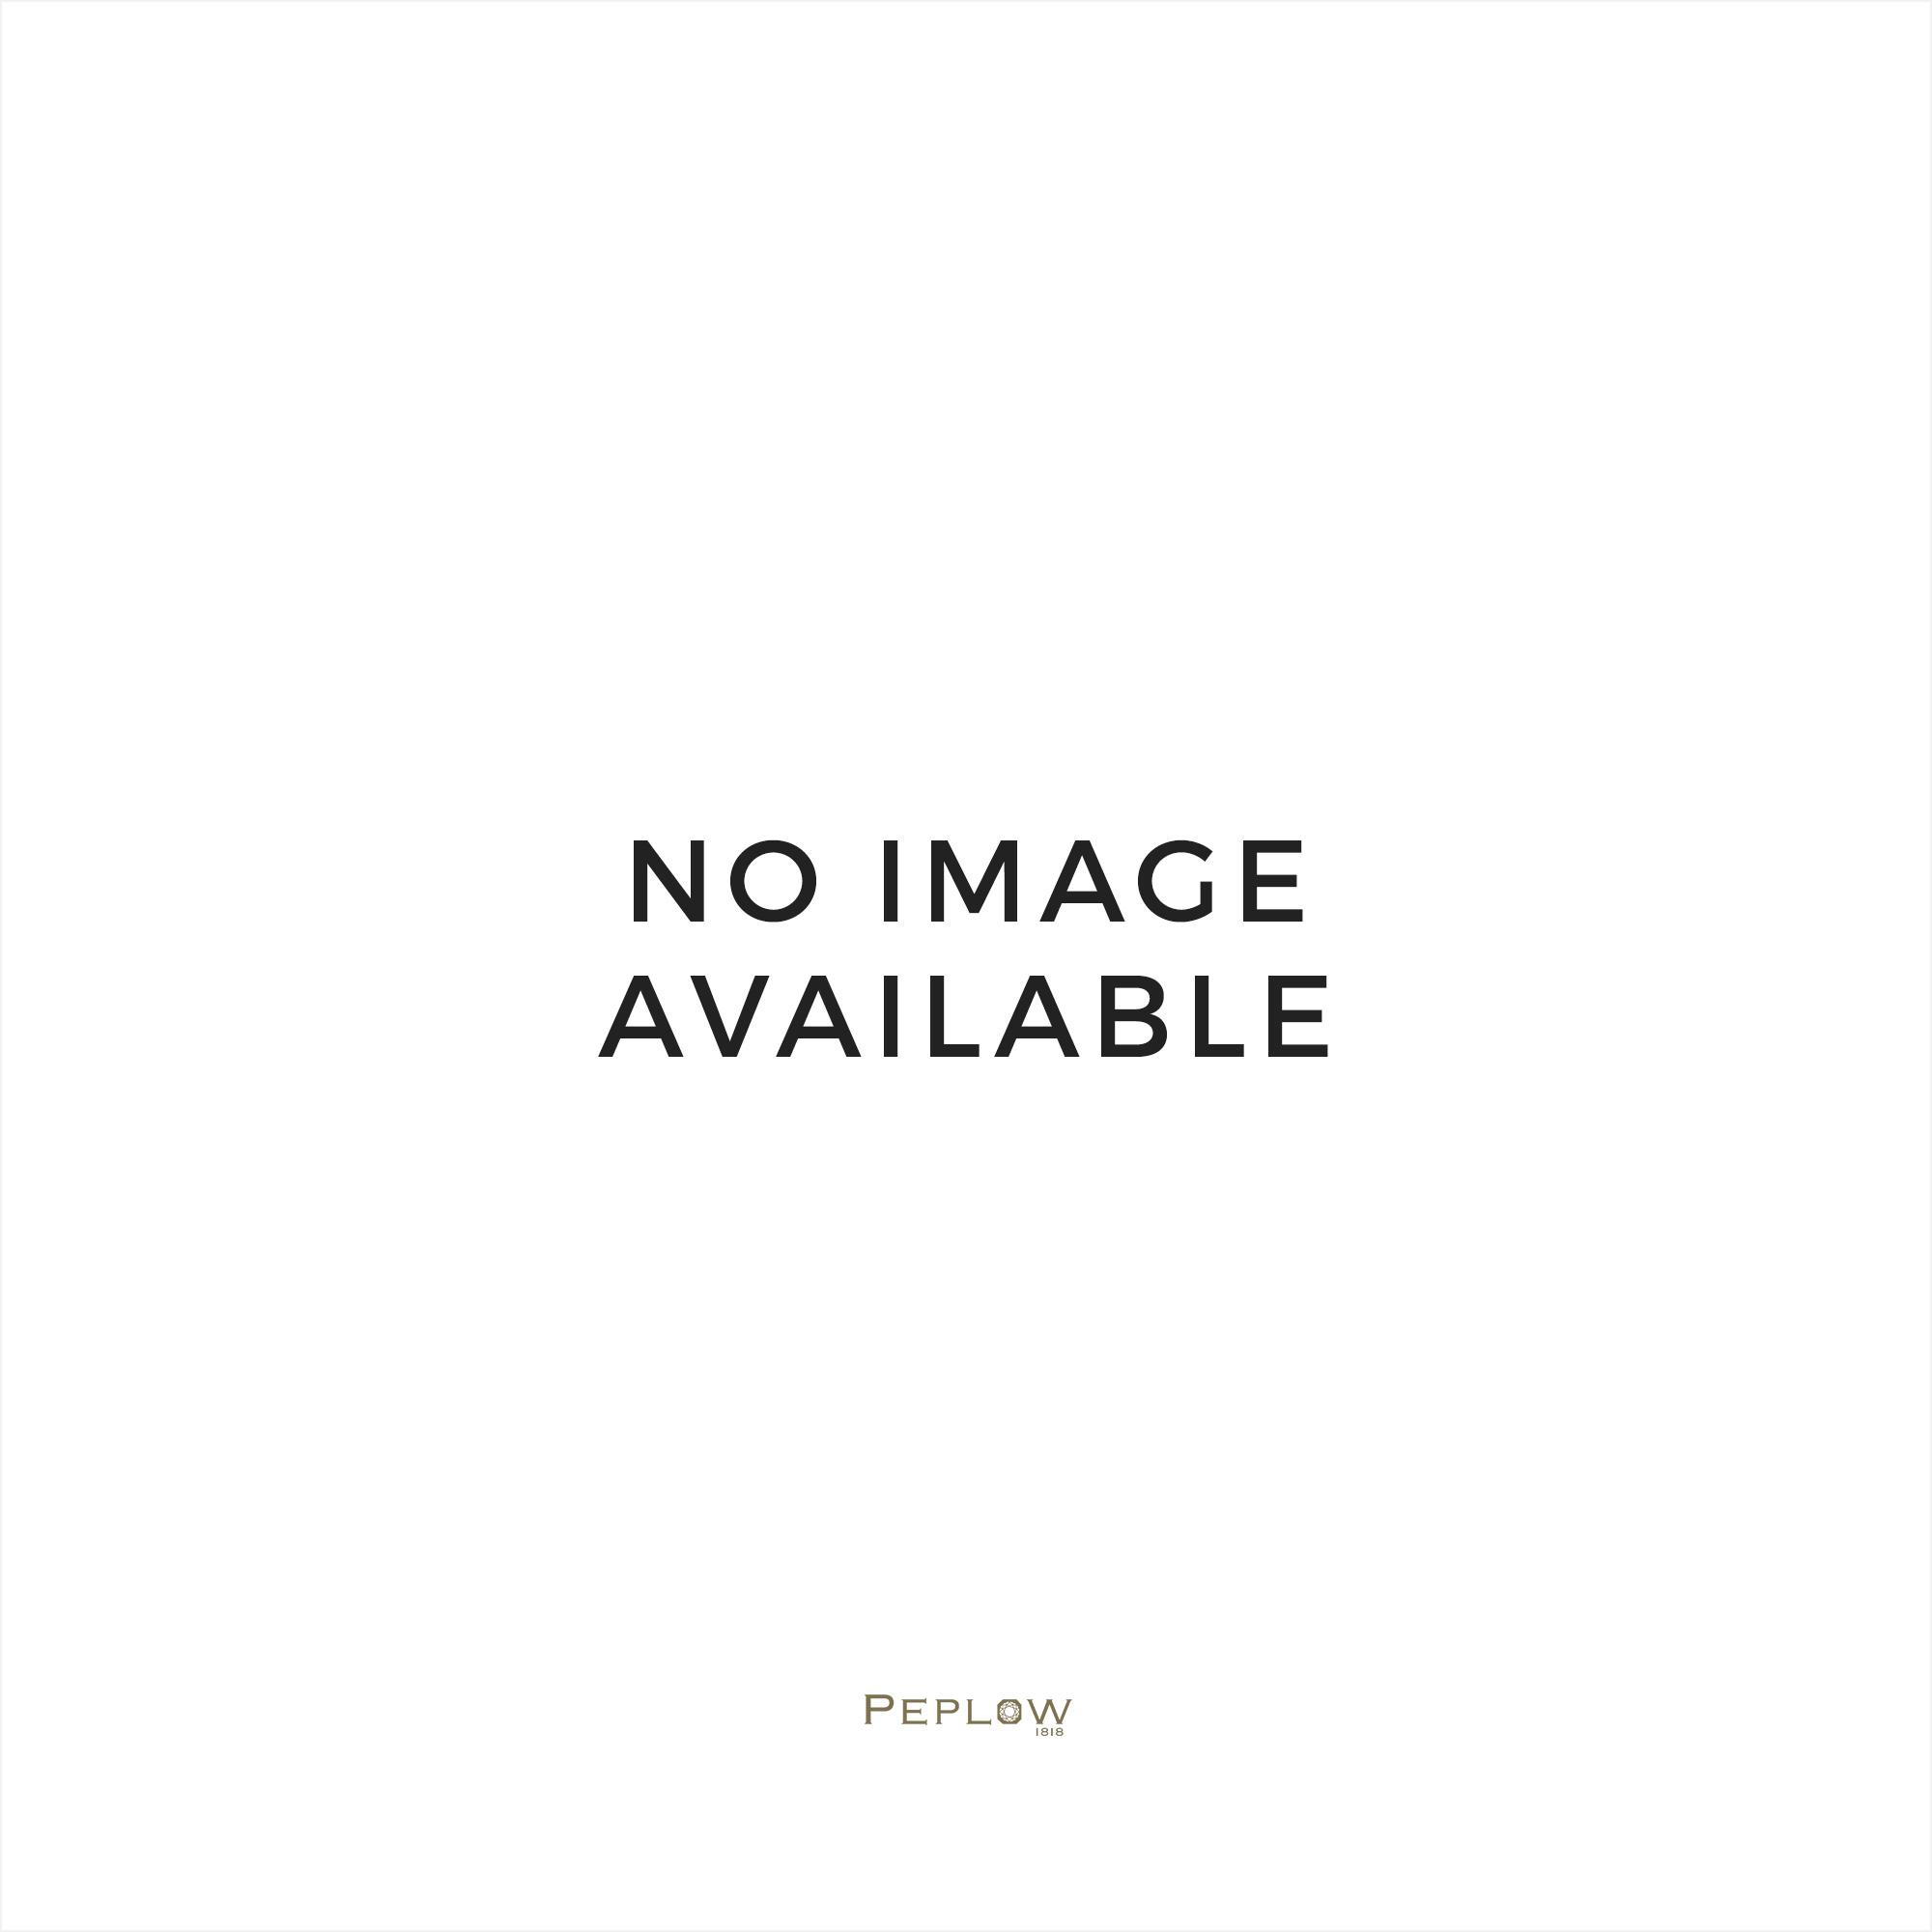 Platinum Indigolite, Aquamarine, Sapphire Chocolate box ring